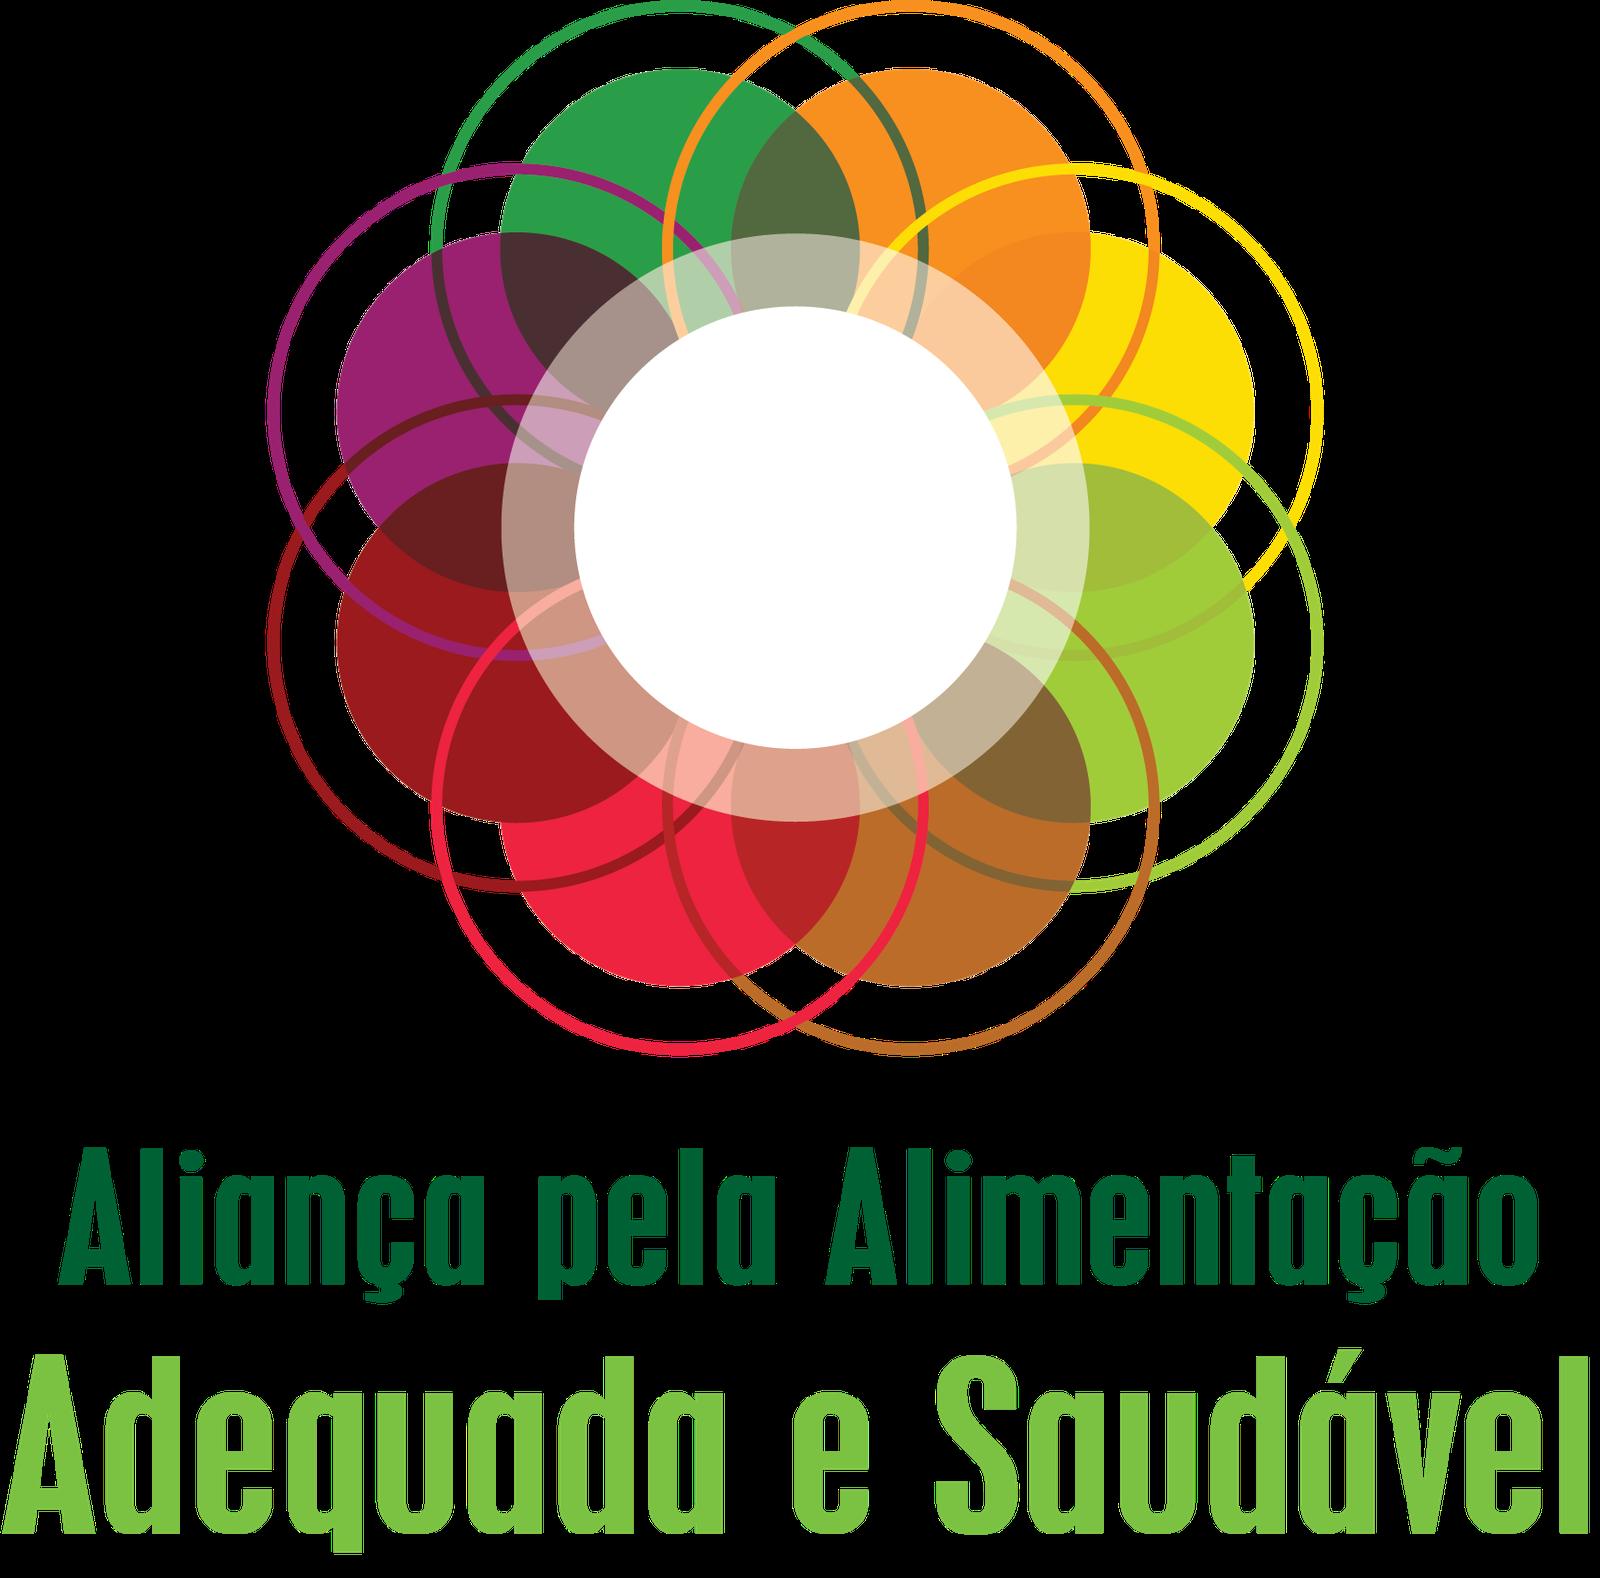 Aliança pela Alimentação Adequada e Saudável